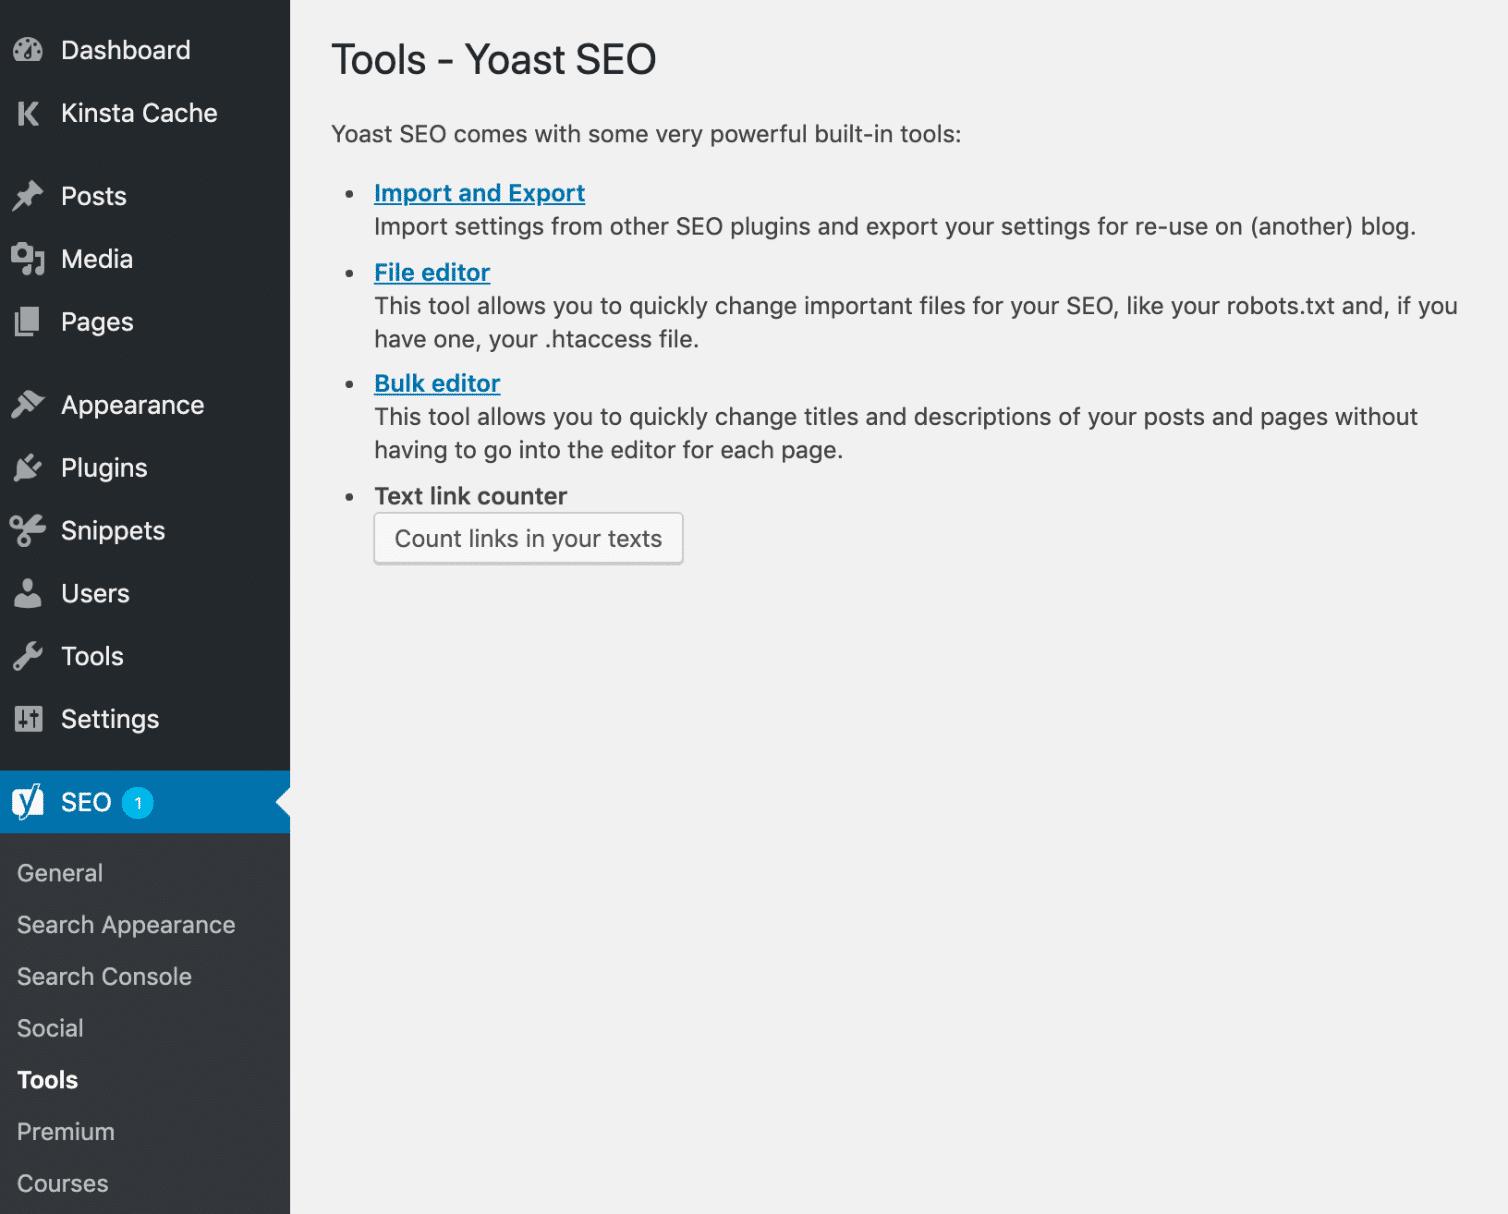 Une liste des outils de Yoast SEO